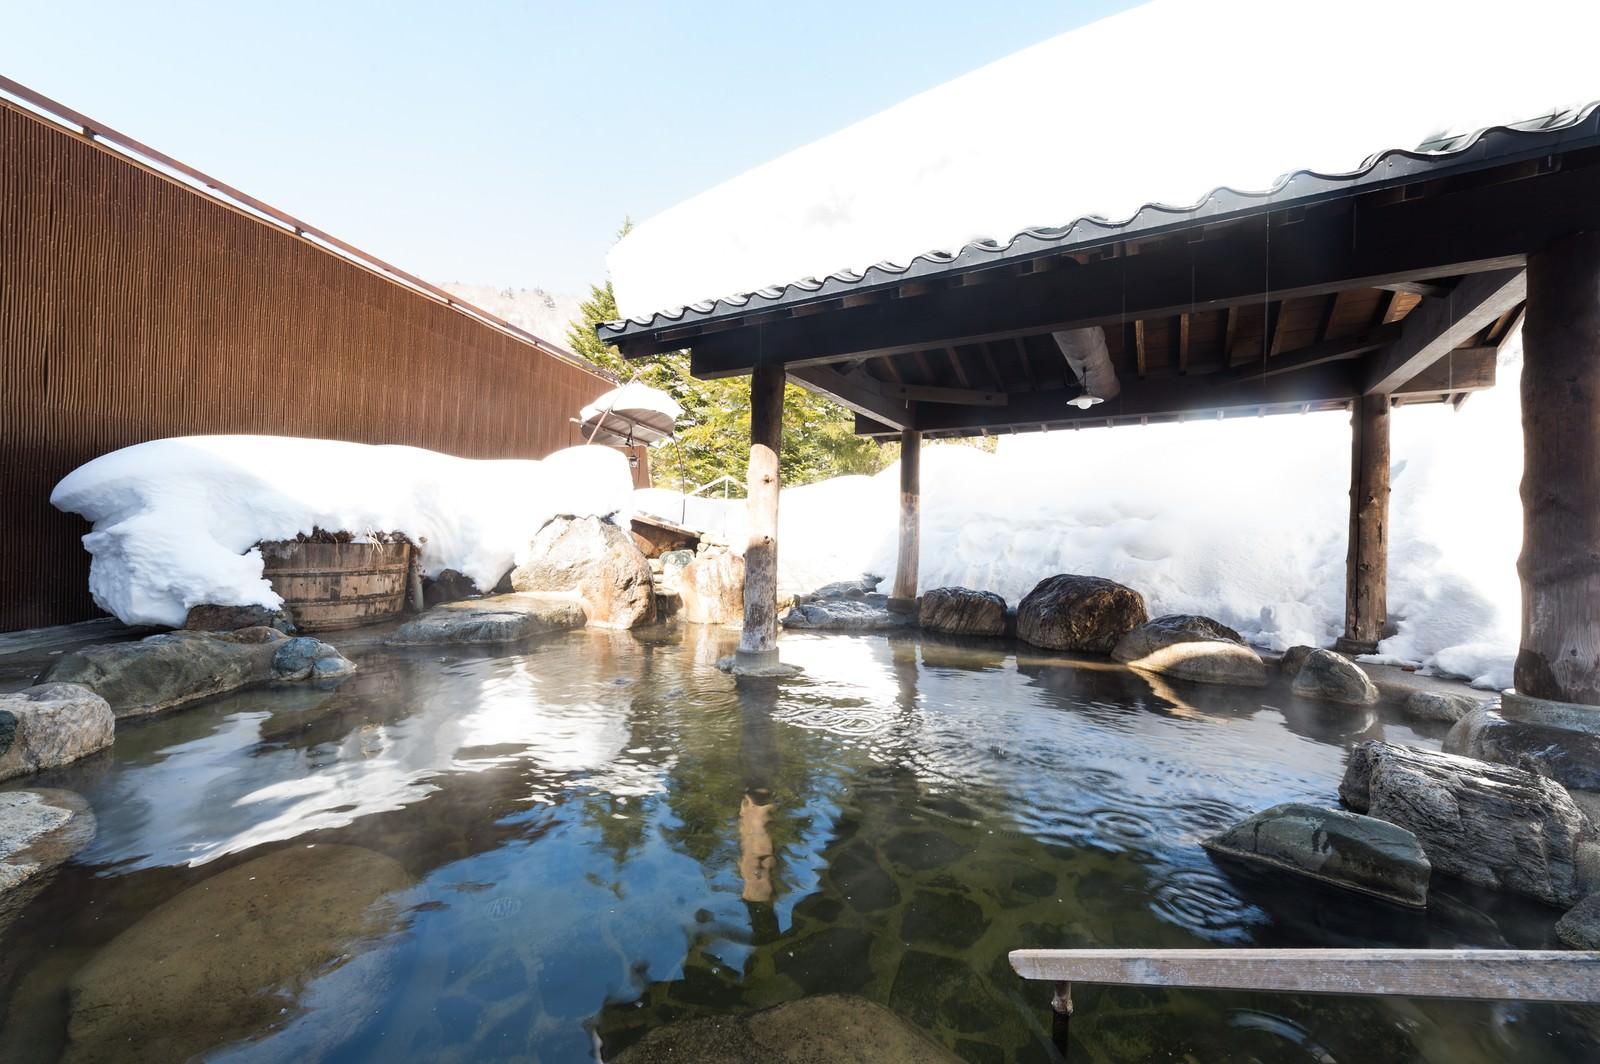 「冬の透き通った空気で北アルプスの遠くまで見渡せる岡田旅館の露天風呂」の写真